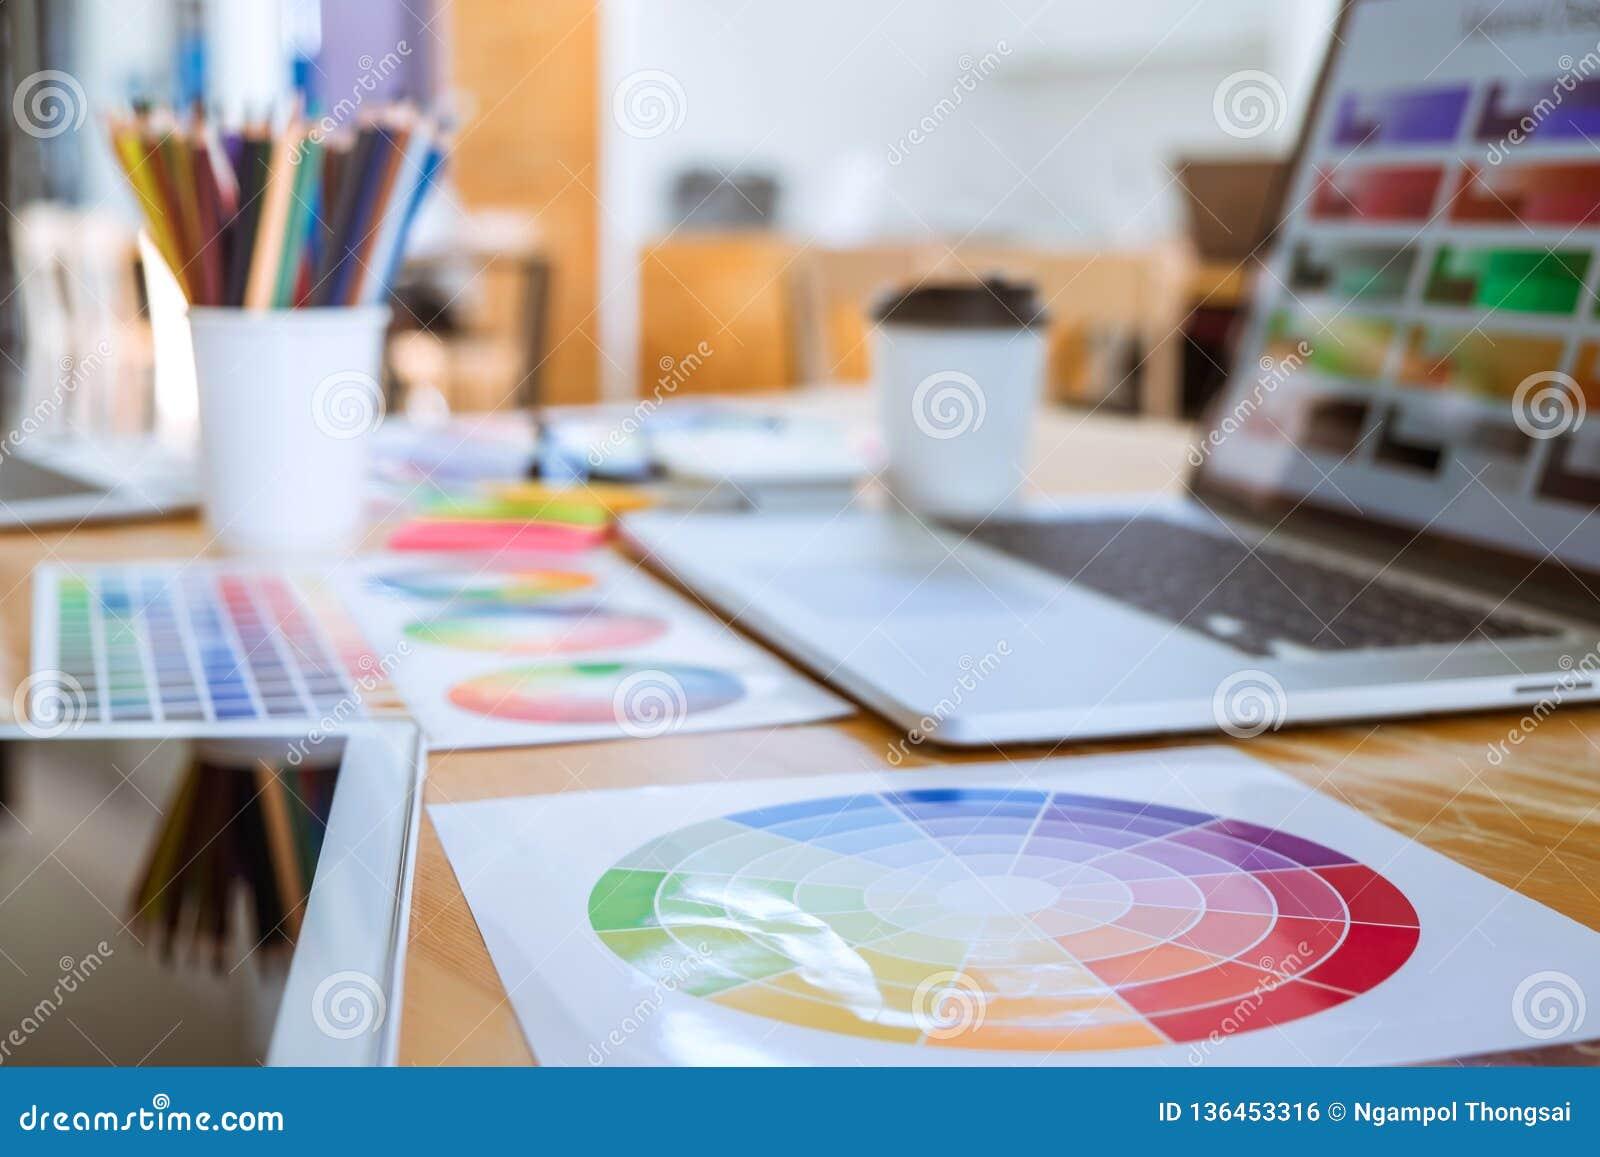 Образцы образца инструмента и цвета объекта график-дизайнера на месте для работы